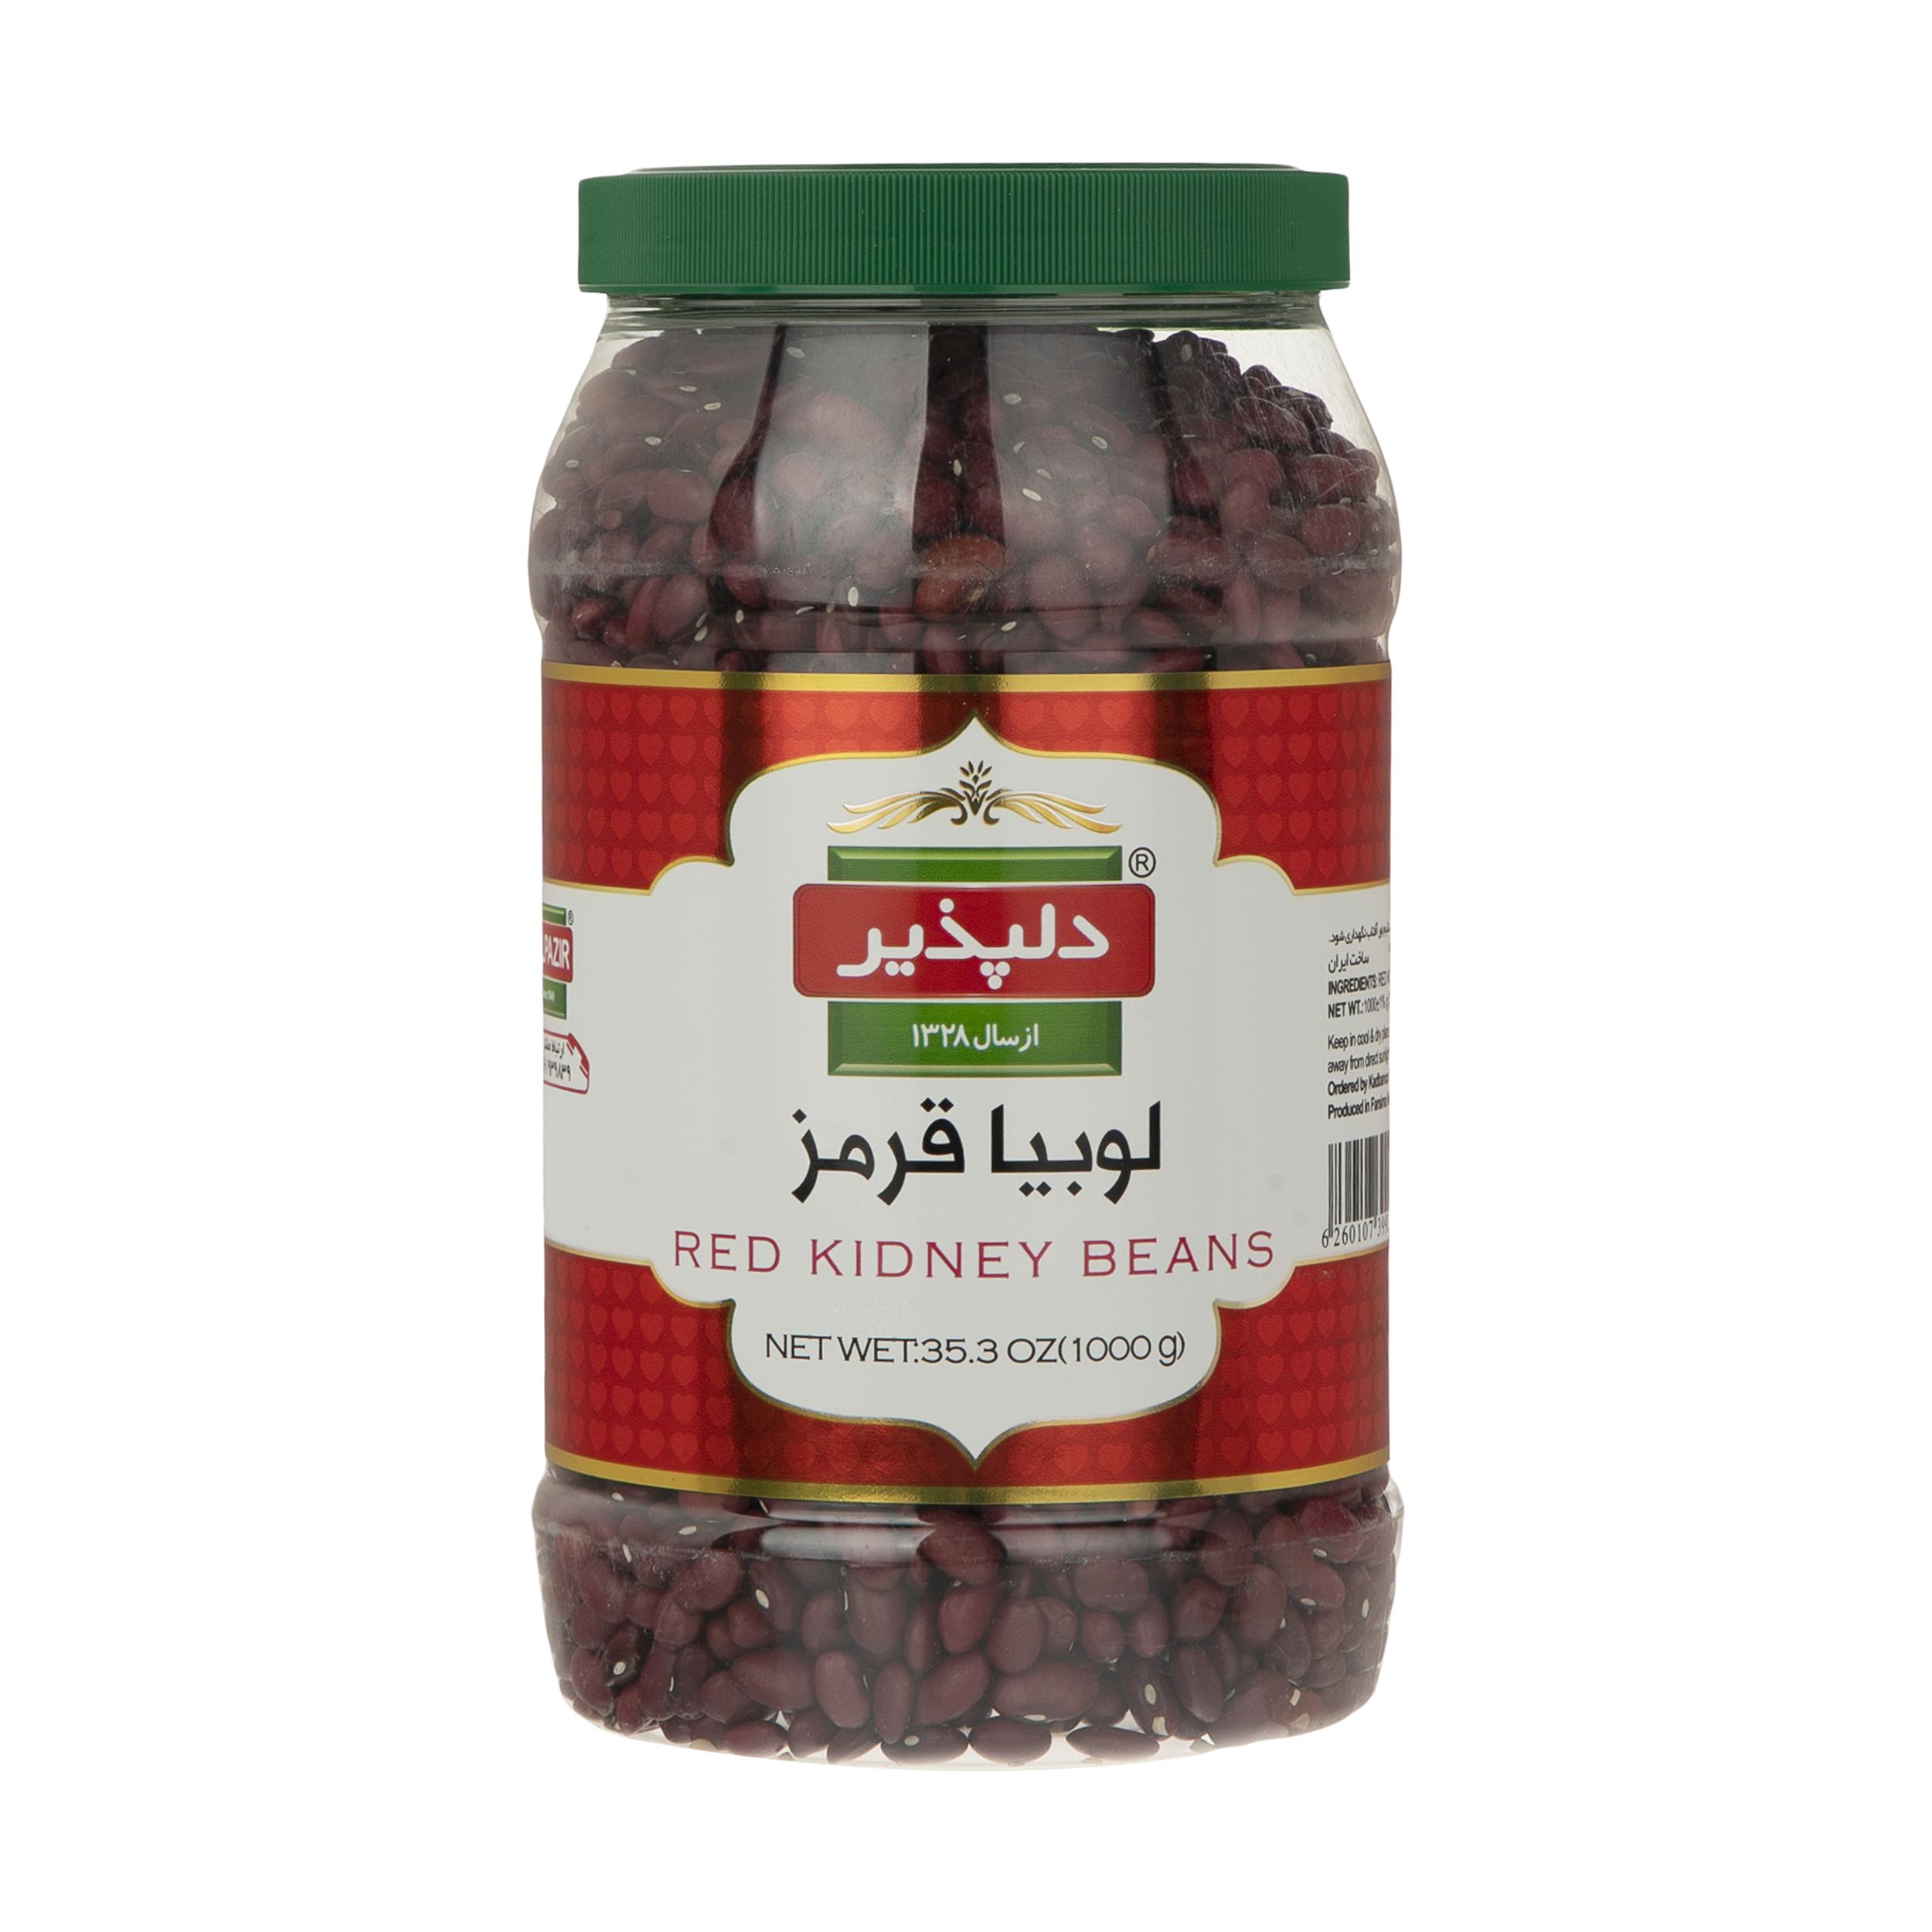 لوبیا قرمز دلپذیر - 1 کیلوگرم